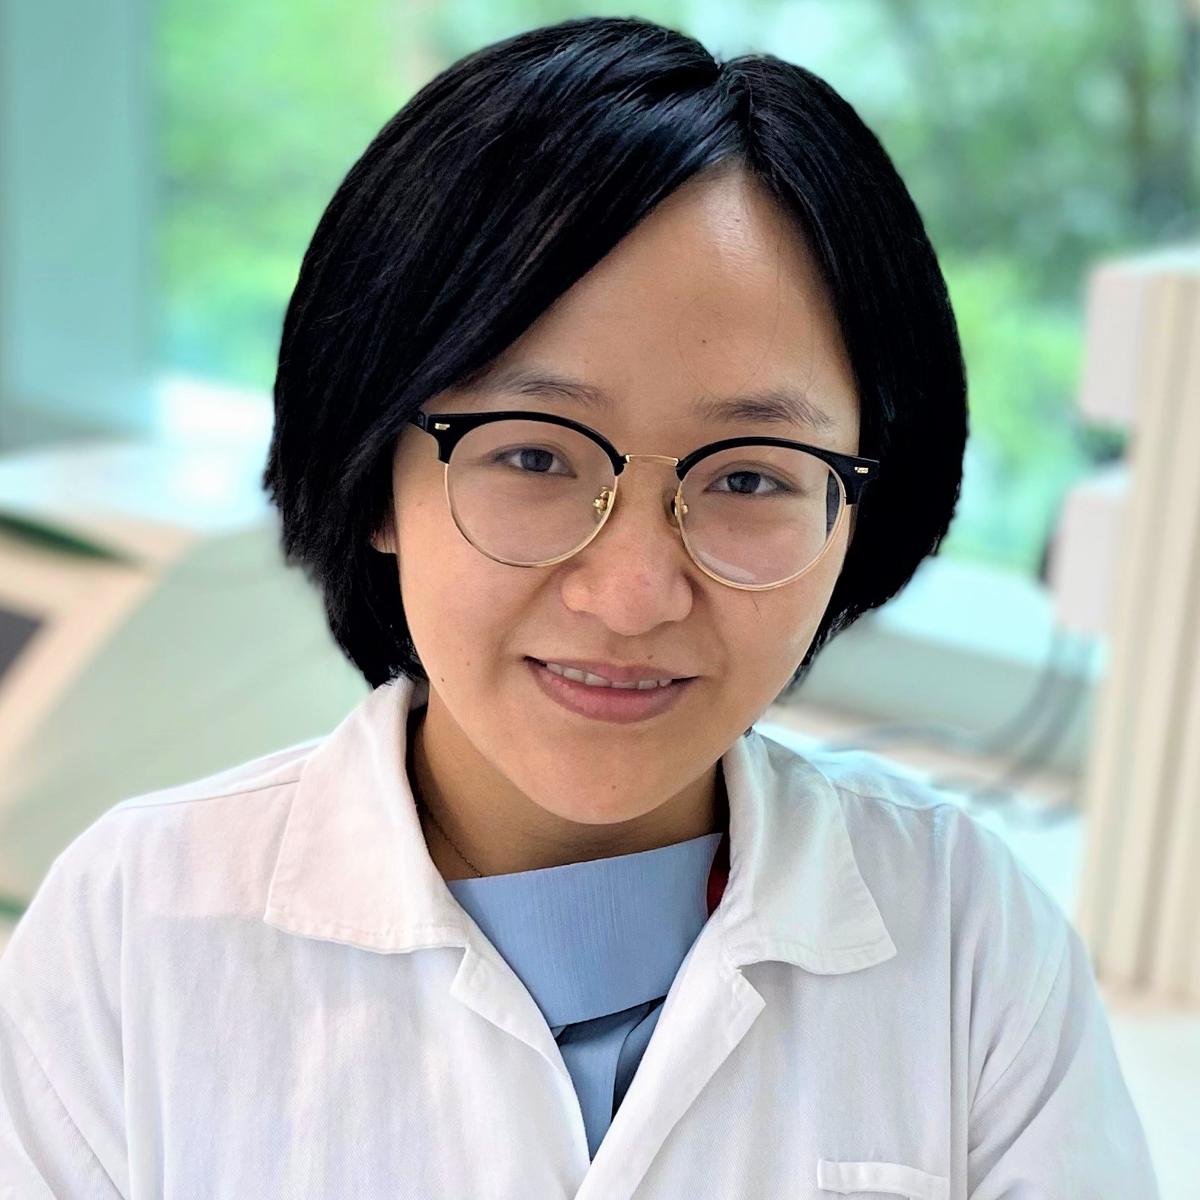 Dr. Yangyang Han